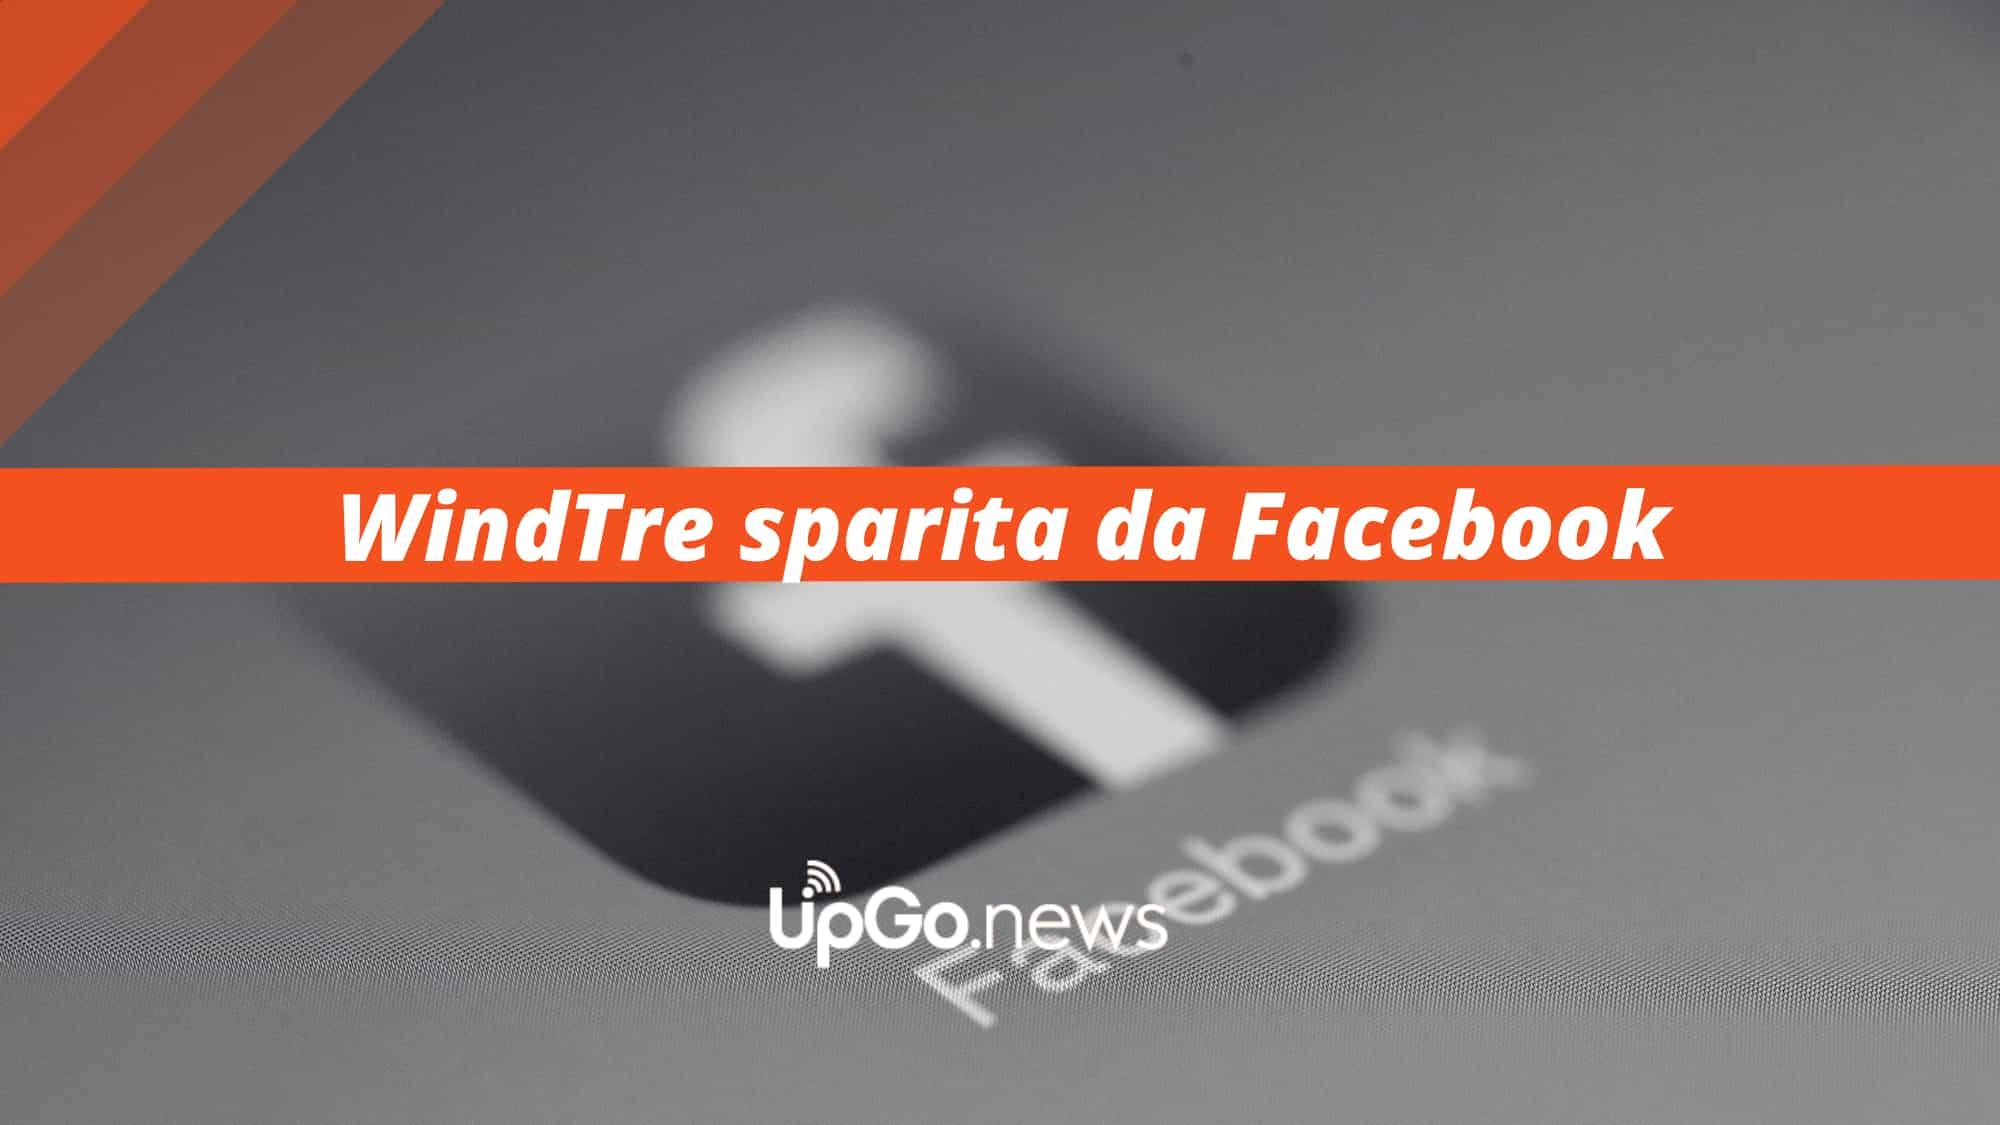 WindTre Facebook